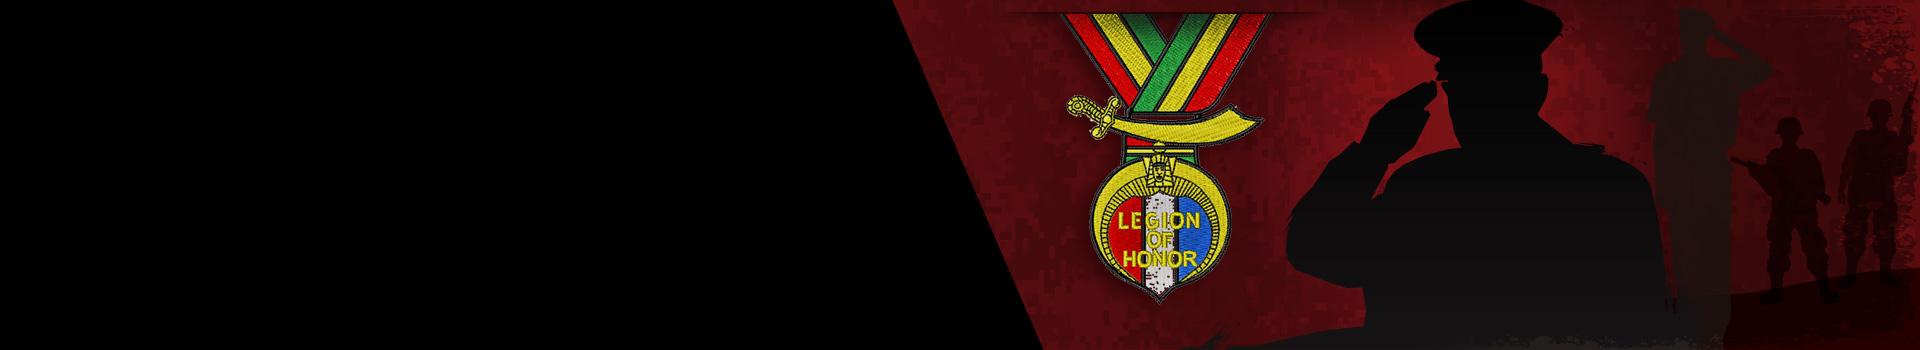 legion-of-honor-slide